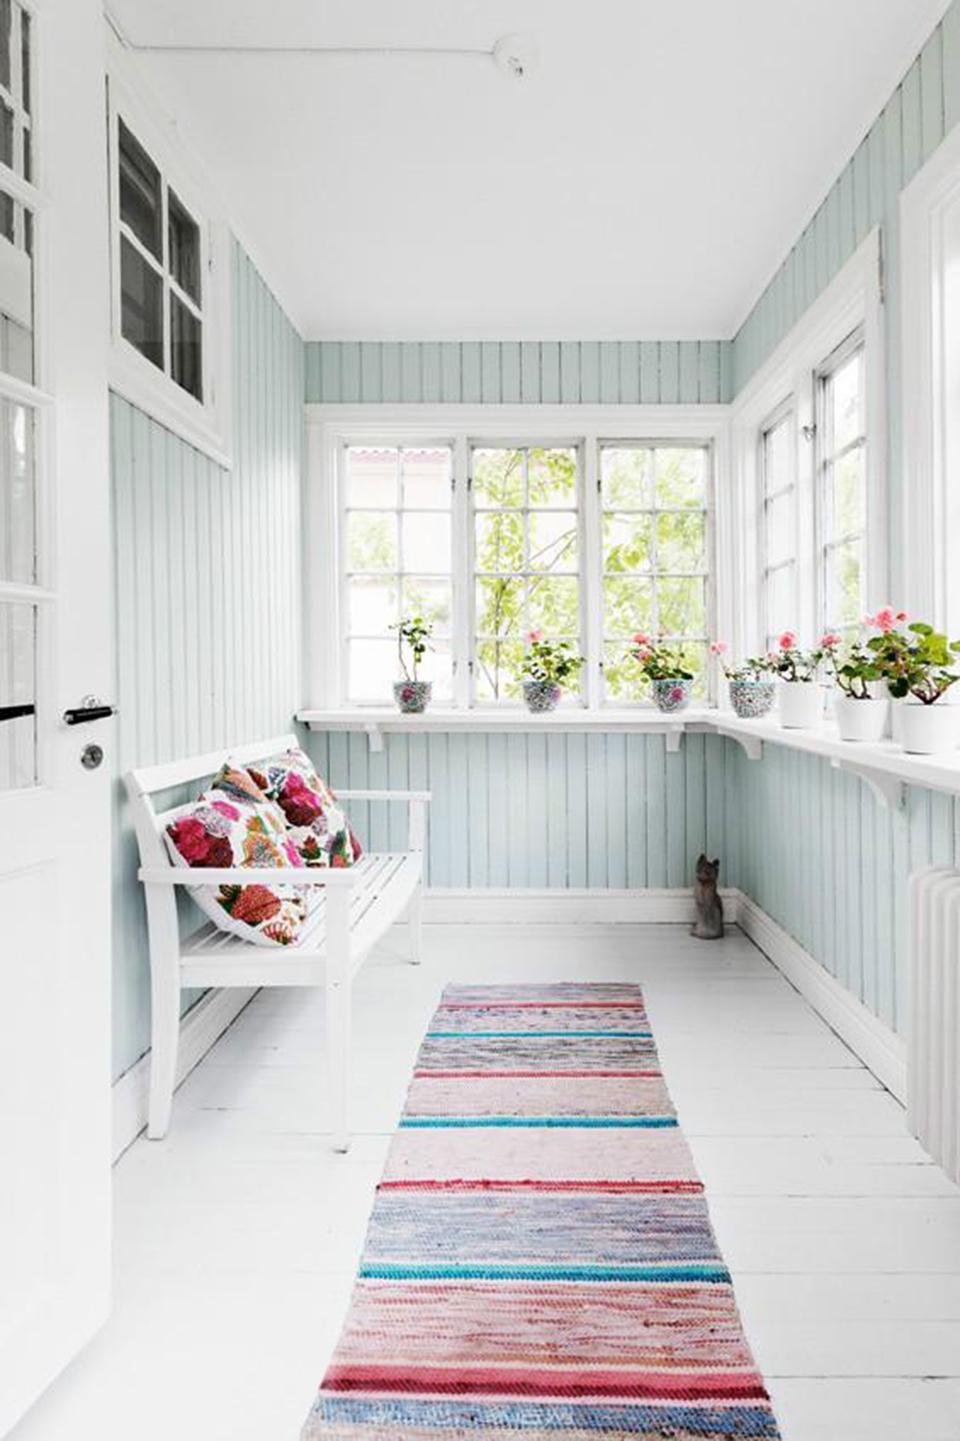 cores-verao-moveis-paredes-casa-decoracao-5